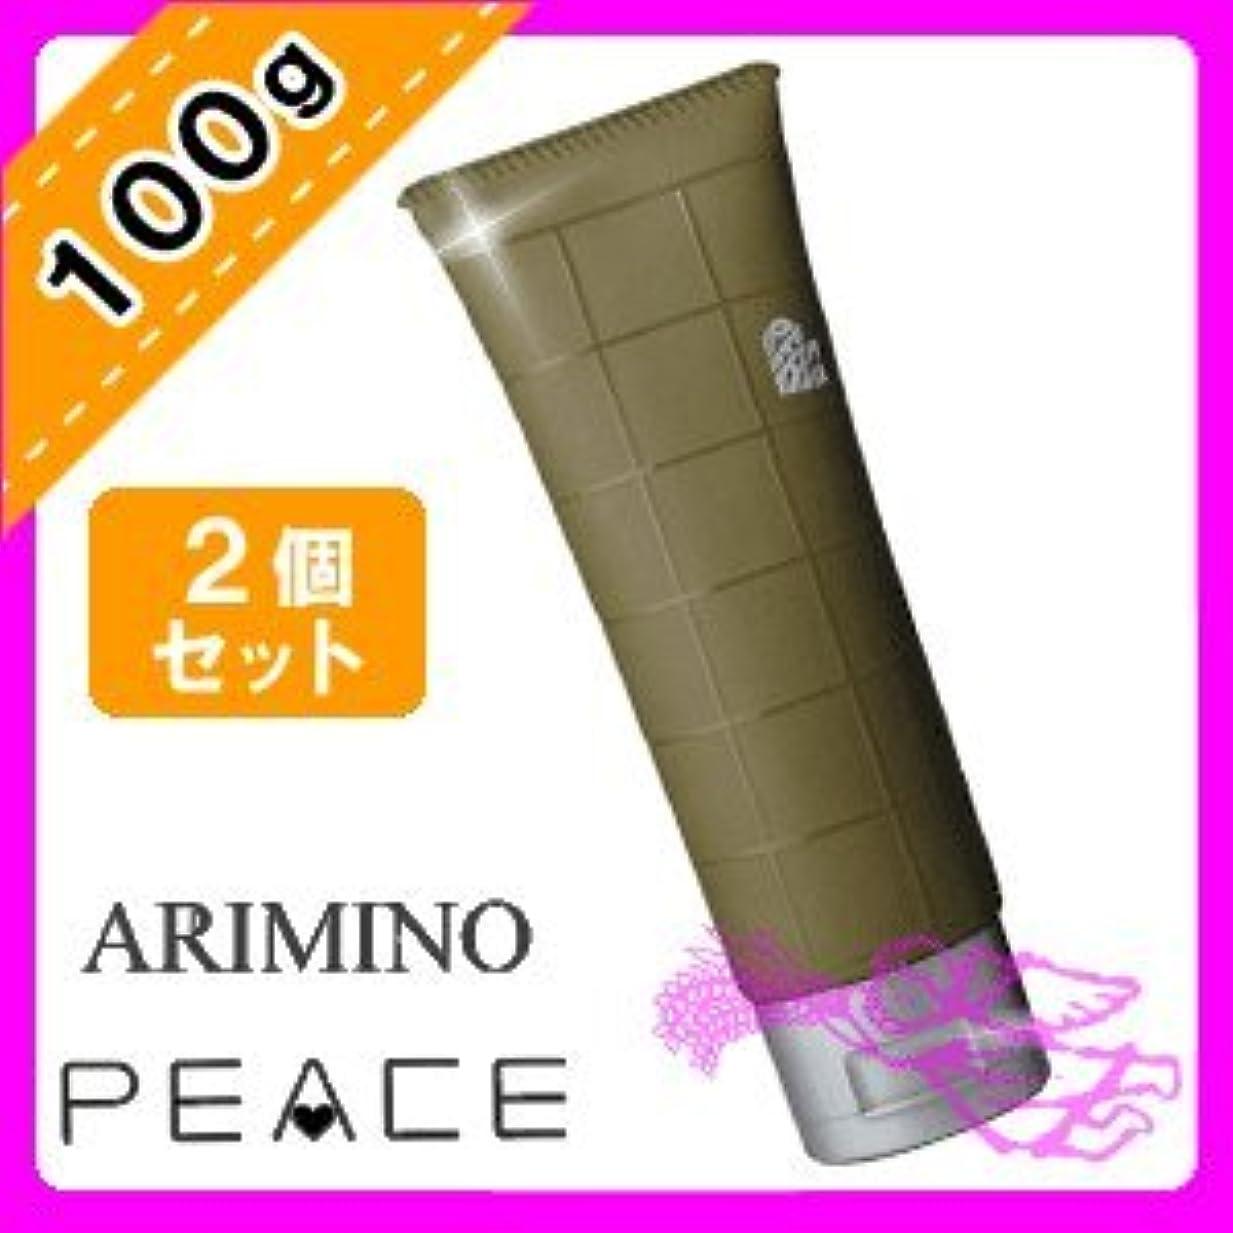 致死退化する突撃アリミノ ピース ウェットオイル ワックス 100g ×2個セット arimino PEACE